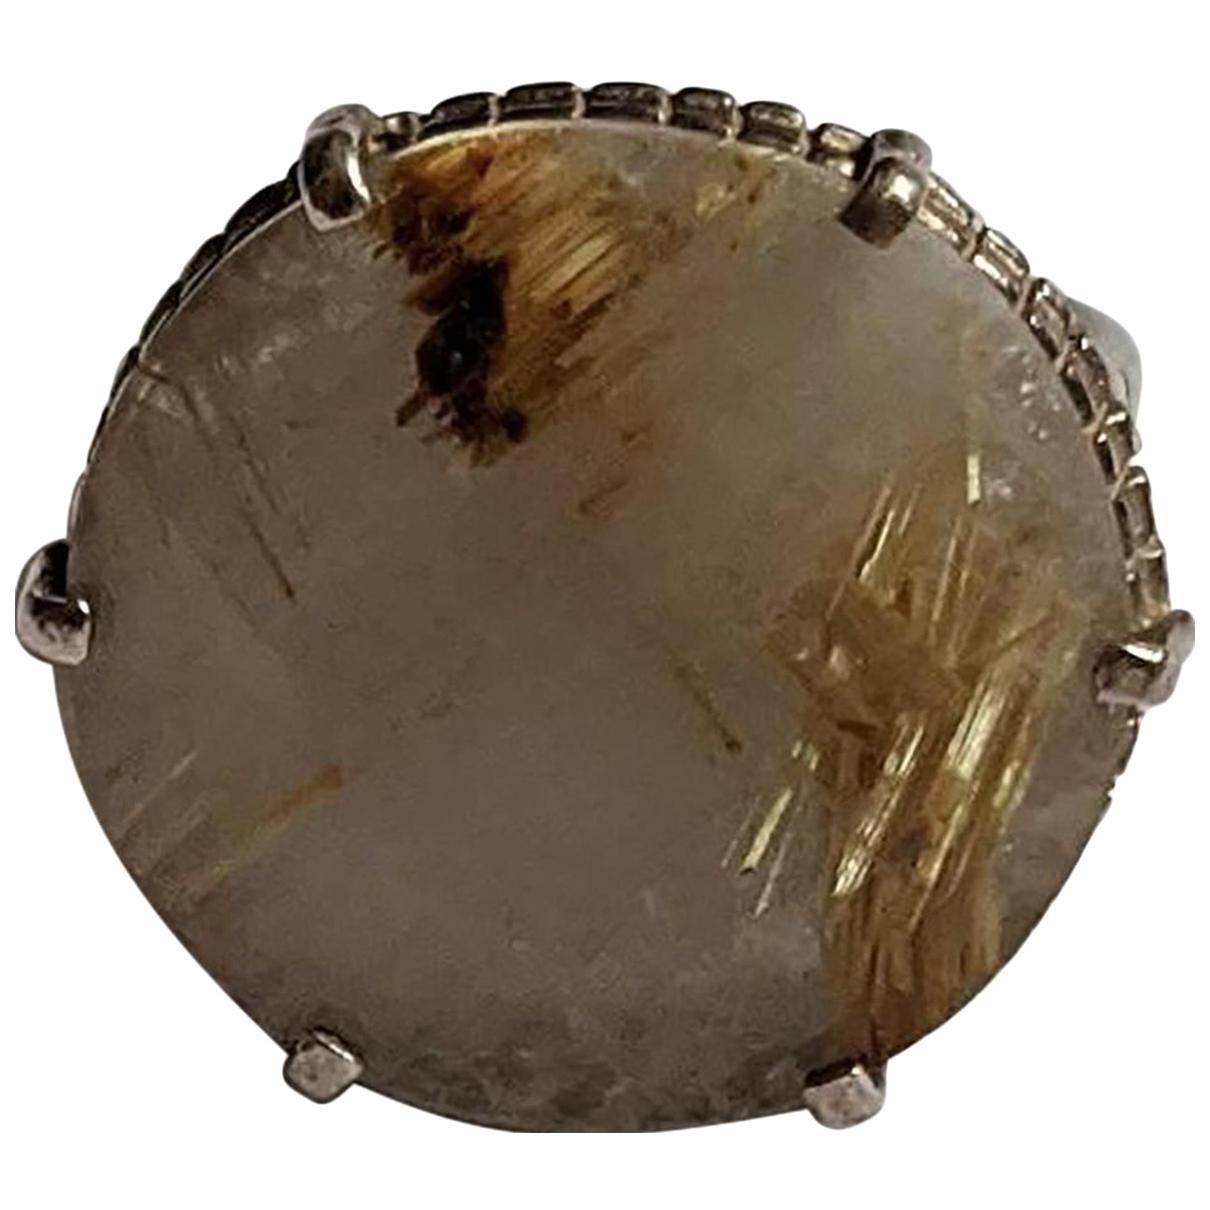 Wouters & Hendrix \N Ring in  Beige Silber